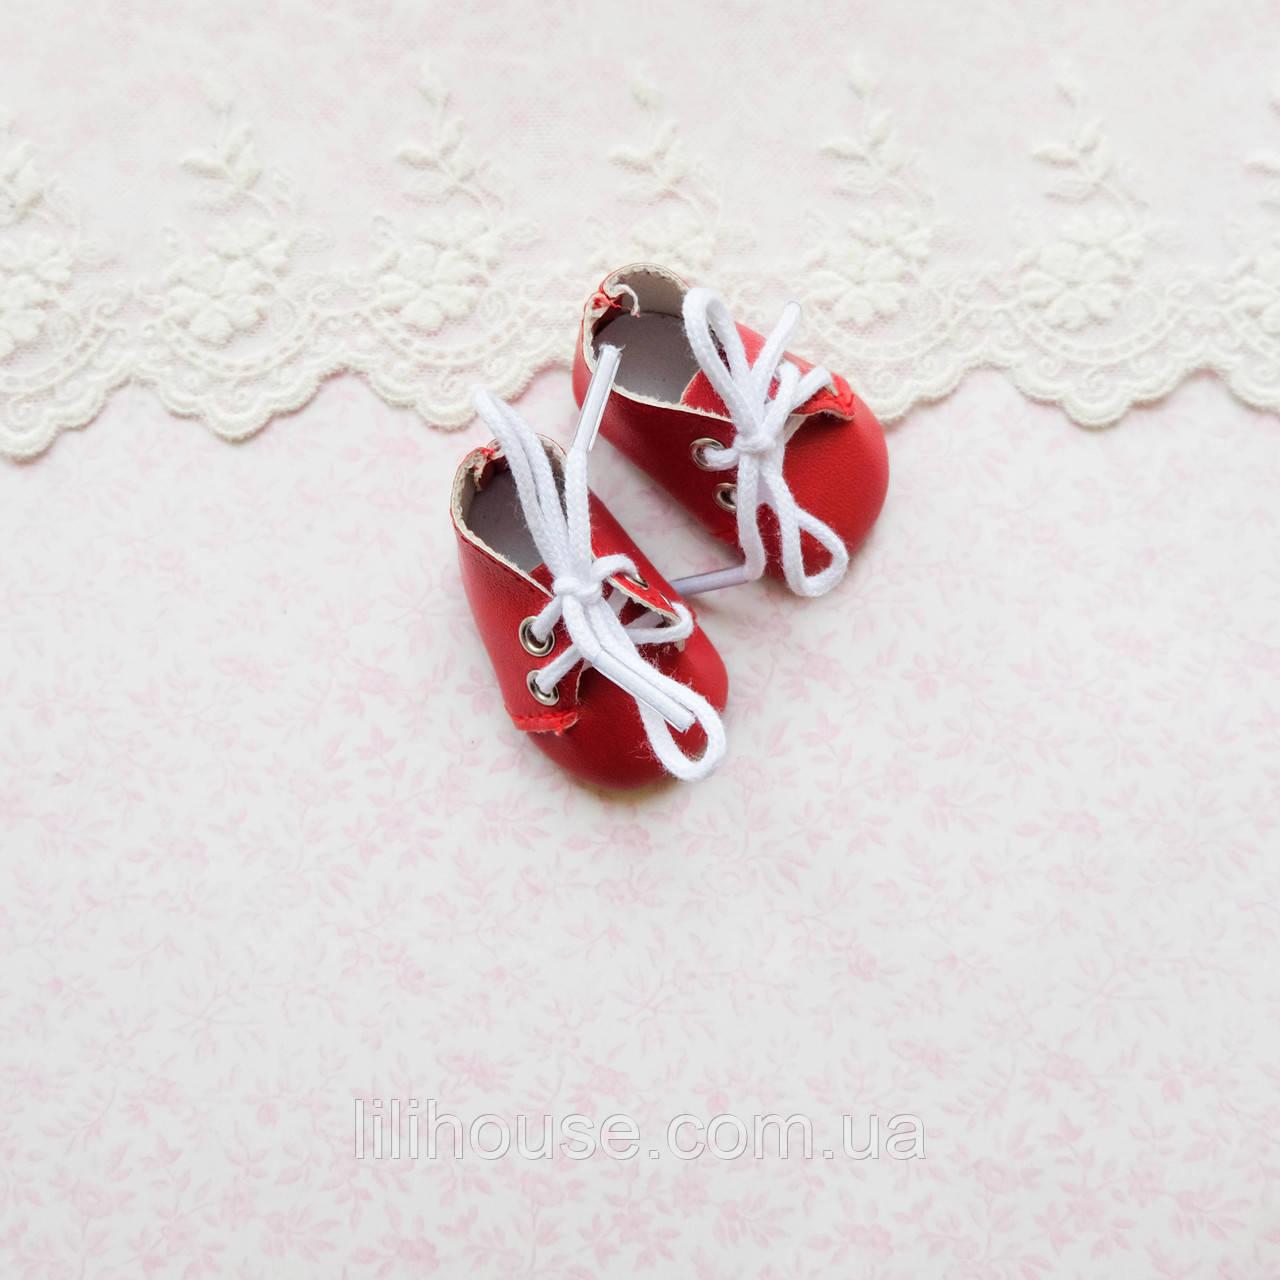 Обувь для кукол Ботиночки на Шнуровке 5*2.5 см КРАСНЫЕ